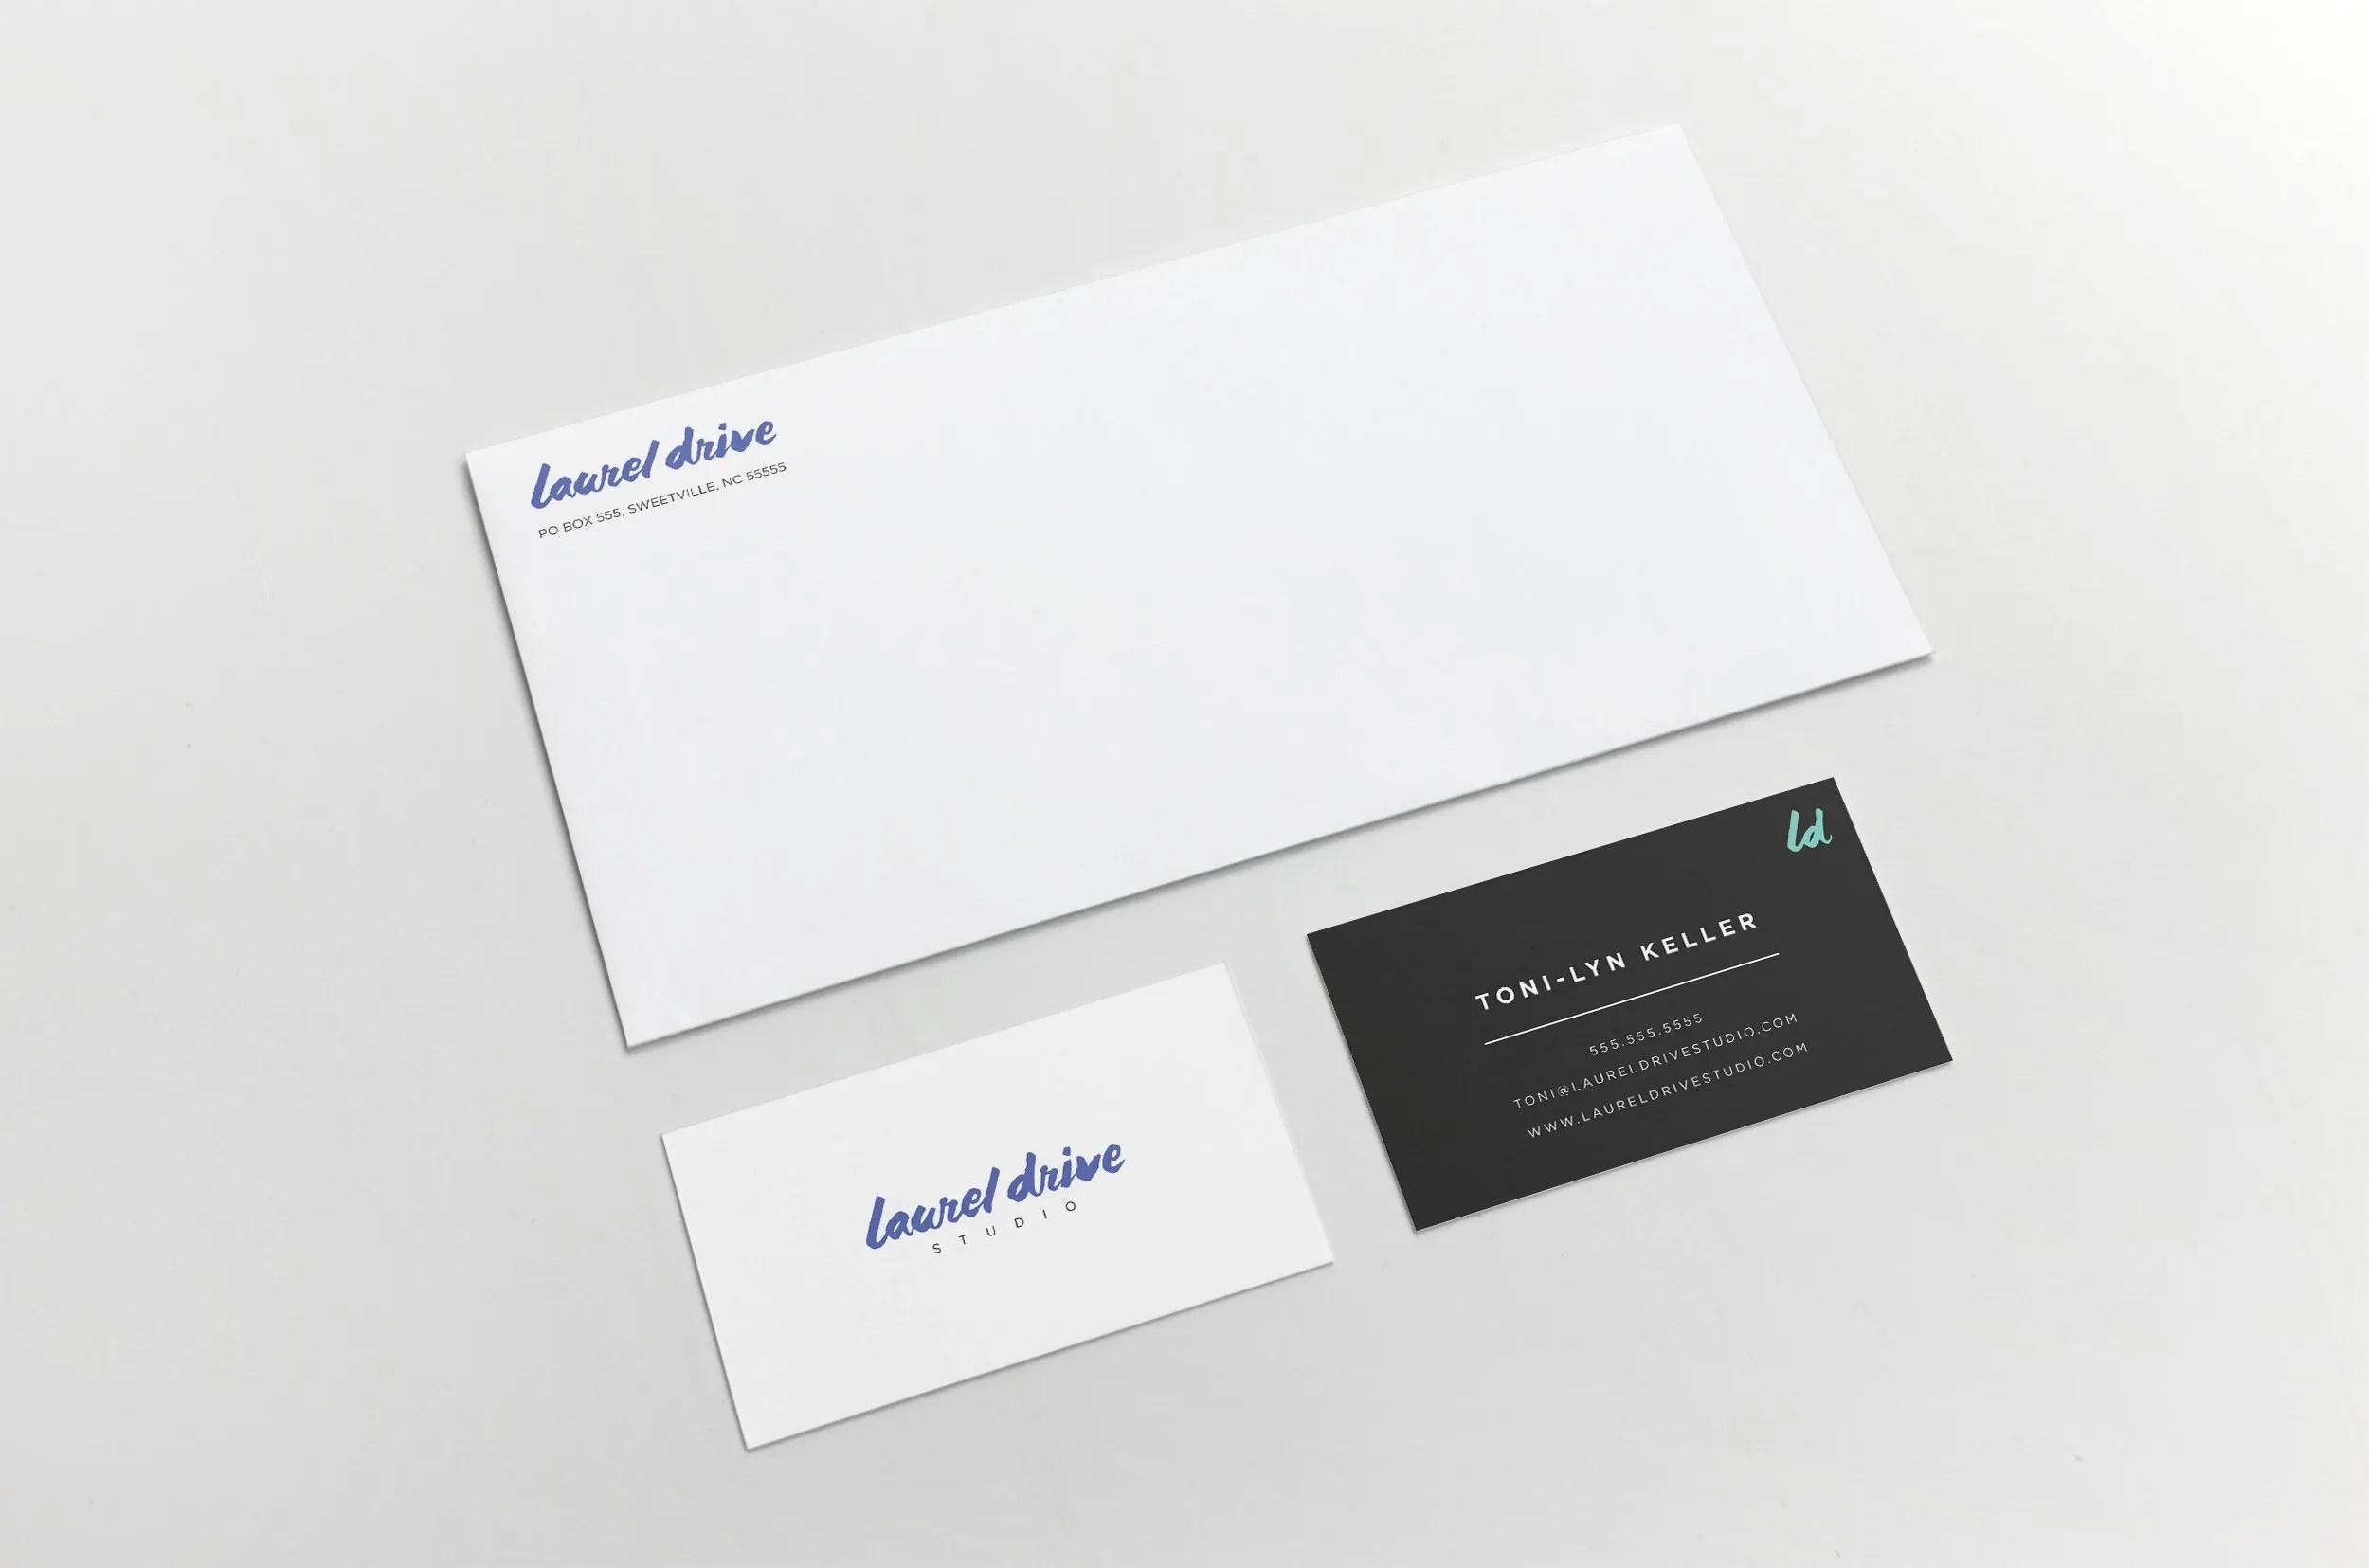 Laurel Drive Photography Studio Branding - 6